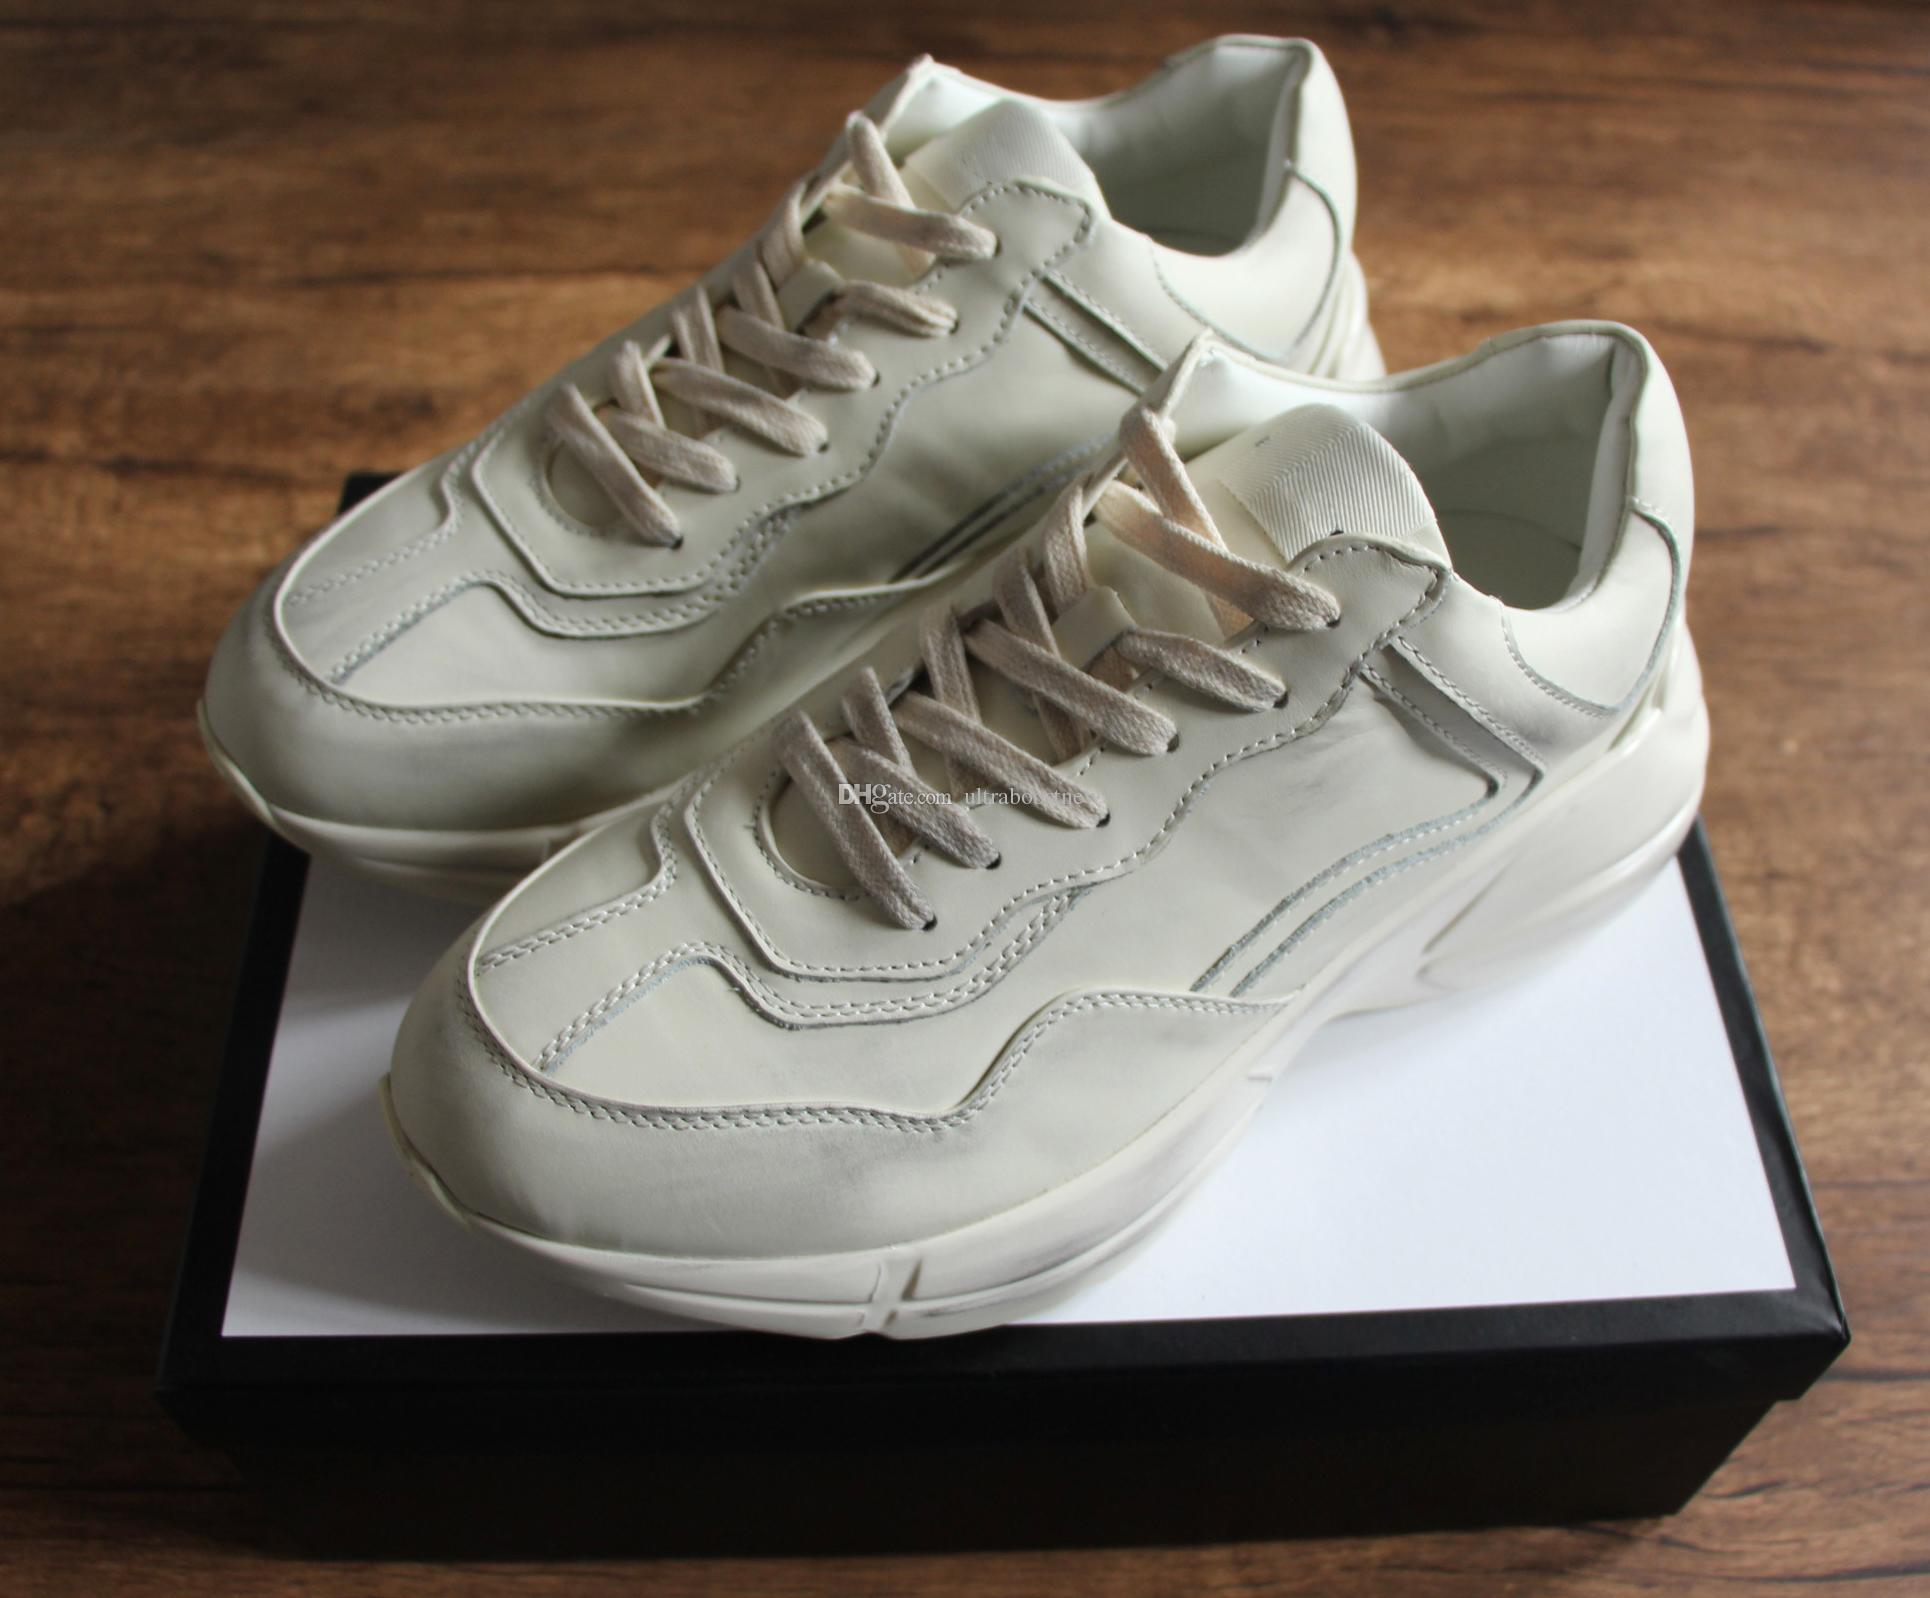 Scarpe Walking Fashion Sneaker In Pelle Rhyton Uomo Donna Best Luxury Scarpe  Sportive Firmate Vera Pelle Suola Spessa Scatola Originale Taglia Grande 35  46. 7fa073417b0